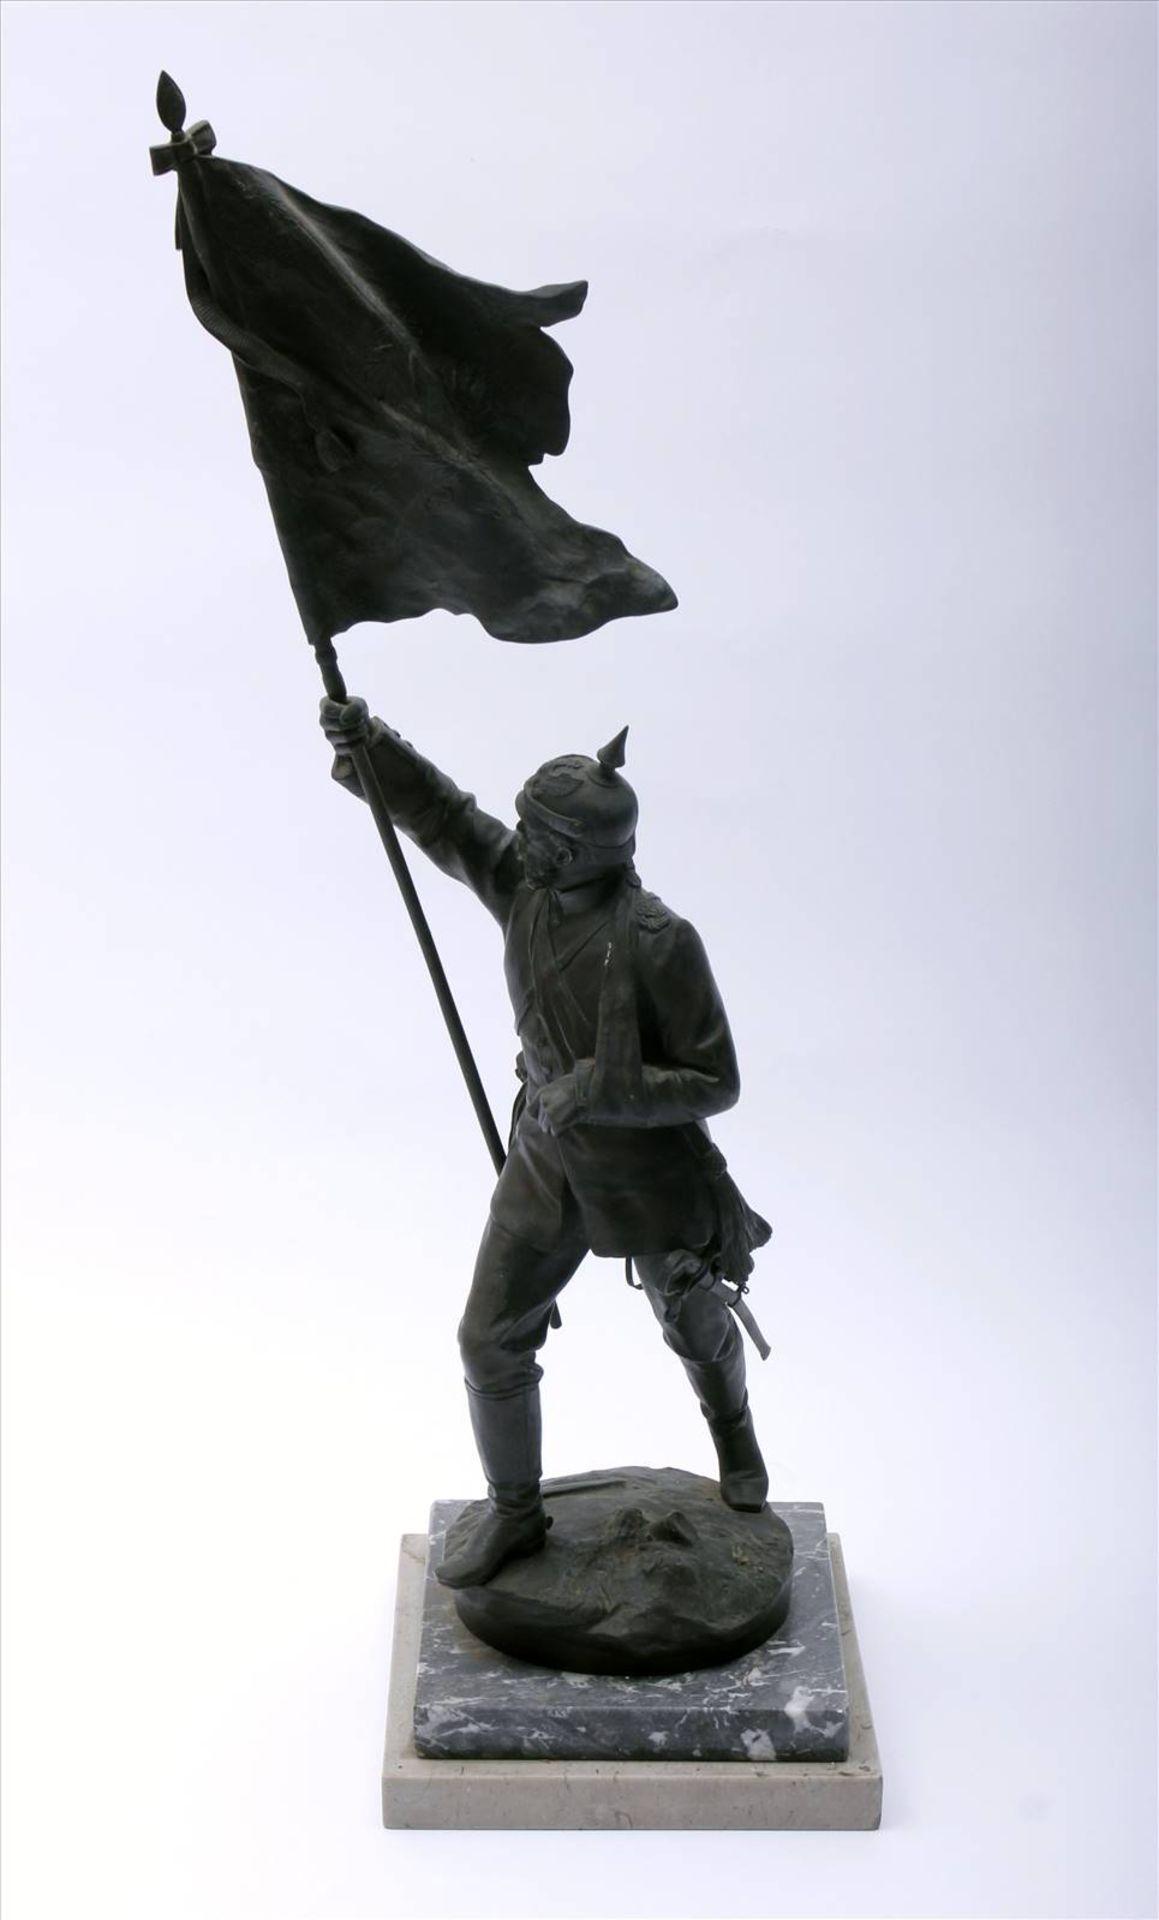 Figürlicher Grauguß, bronziert, Soldat des 1. Weltkriegs mit Pickelhaube, in der rechten Hand